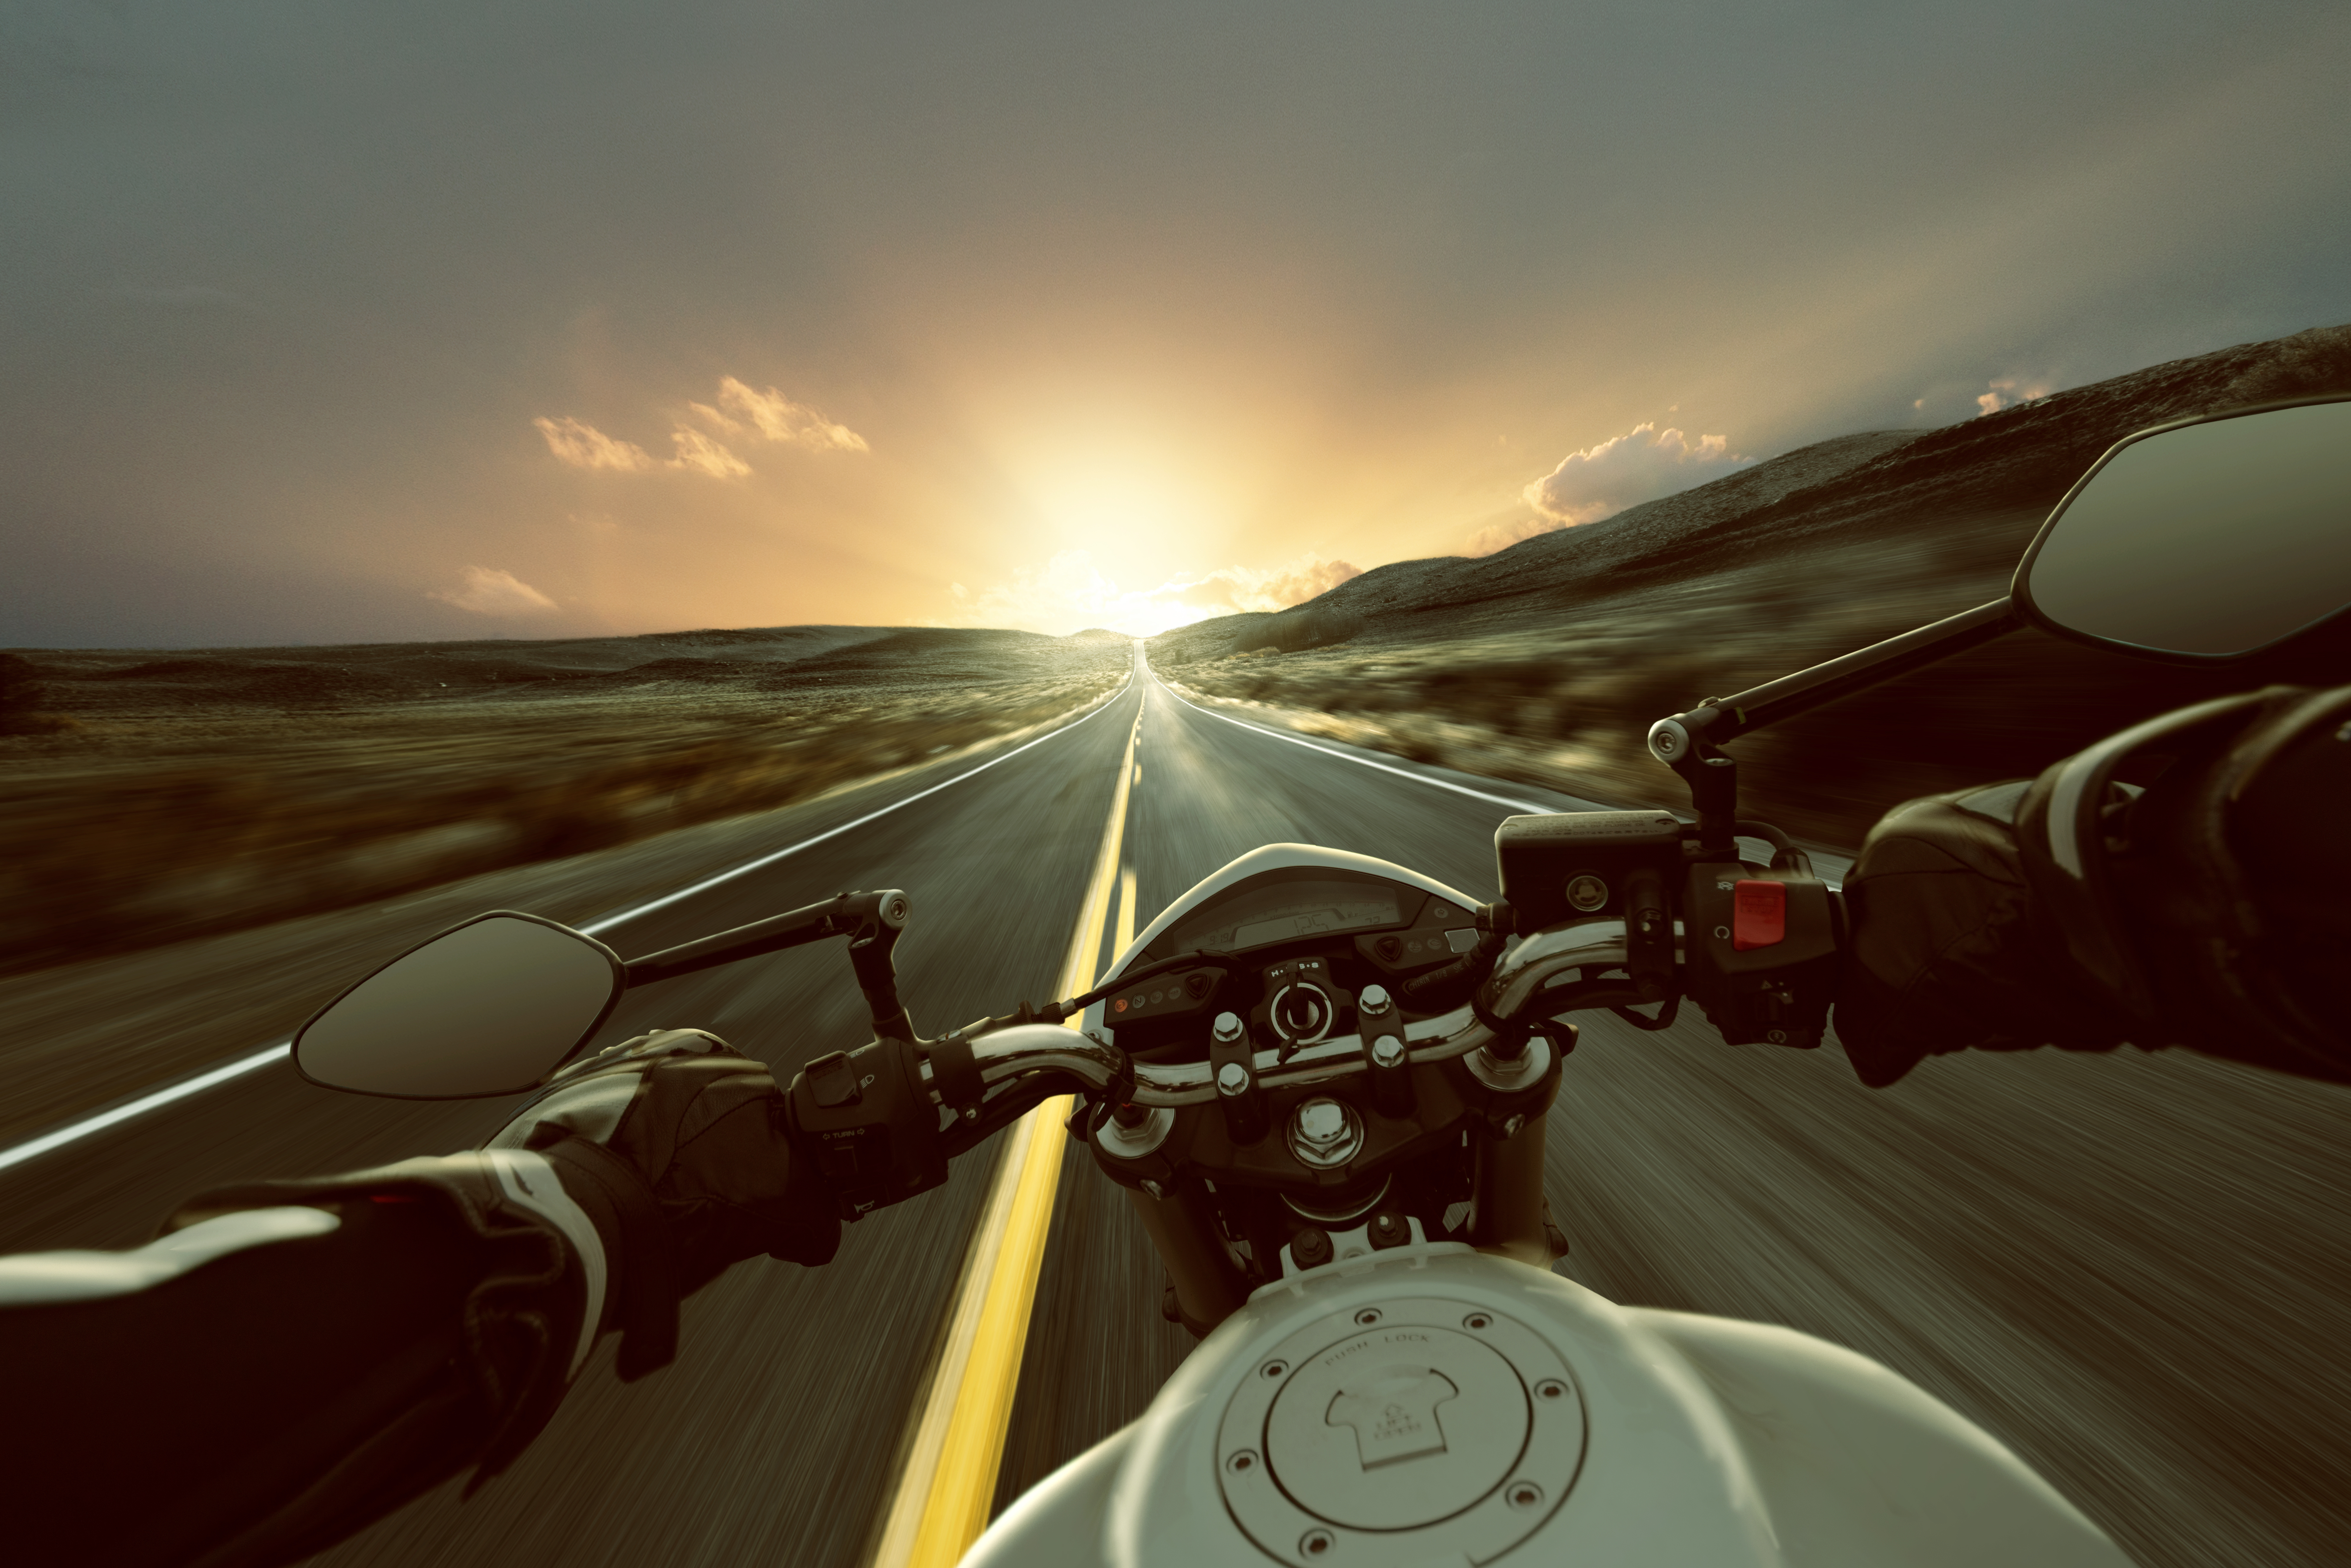 Une moto lancée sur une ligne droite sur fond de coucher de soleil